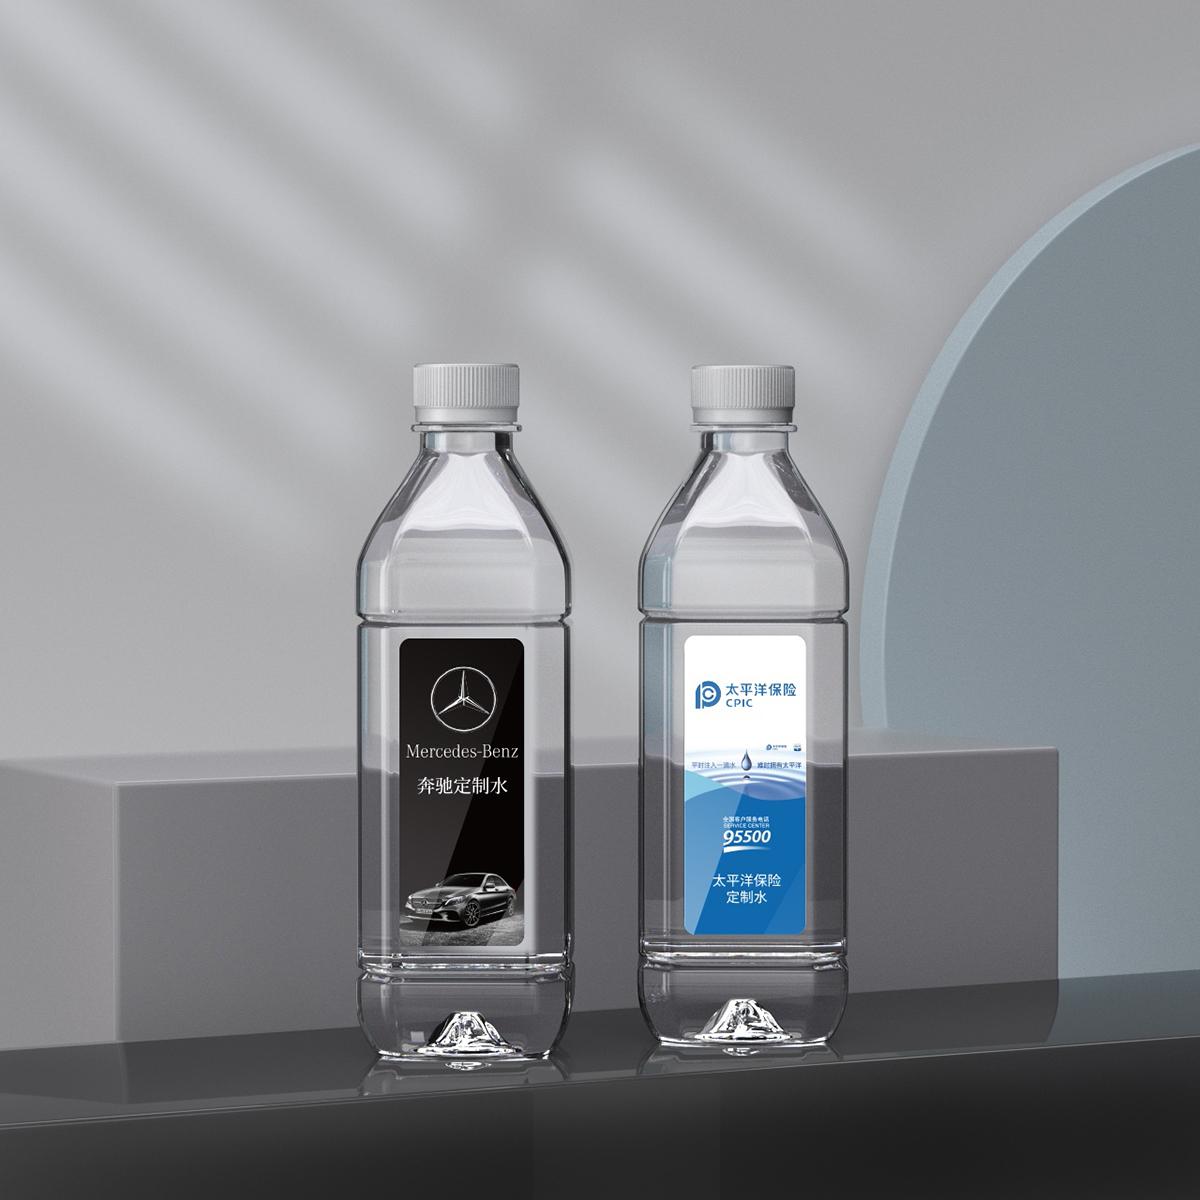 矿泉水透明材质渲染